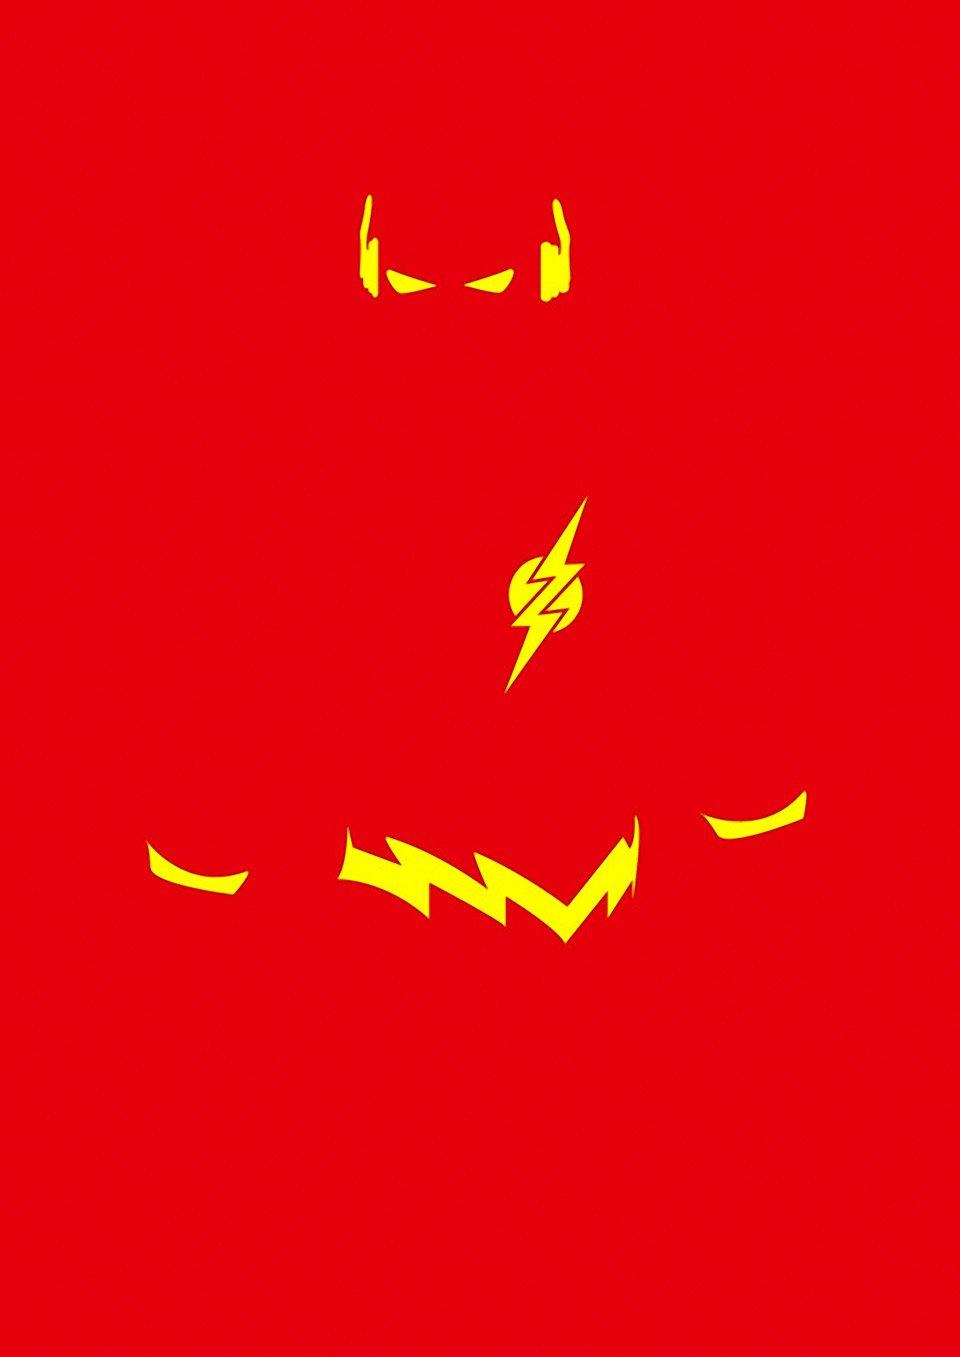 Beautiful Minimalist Superhero Images